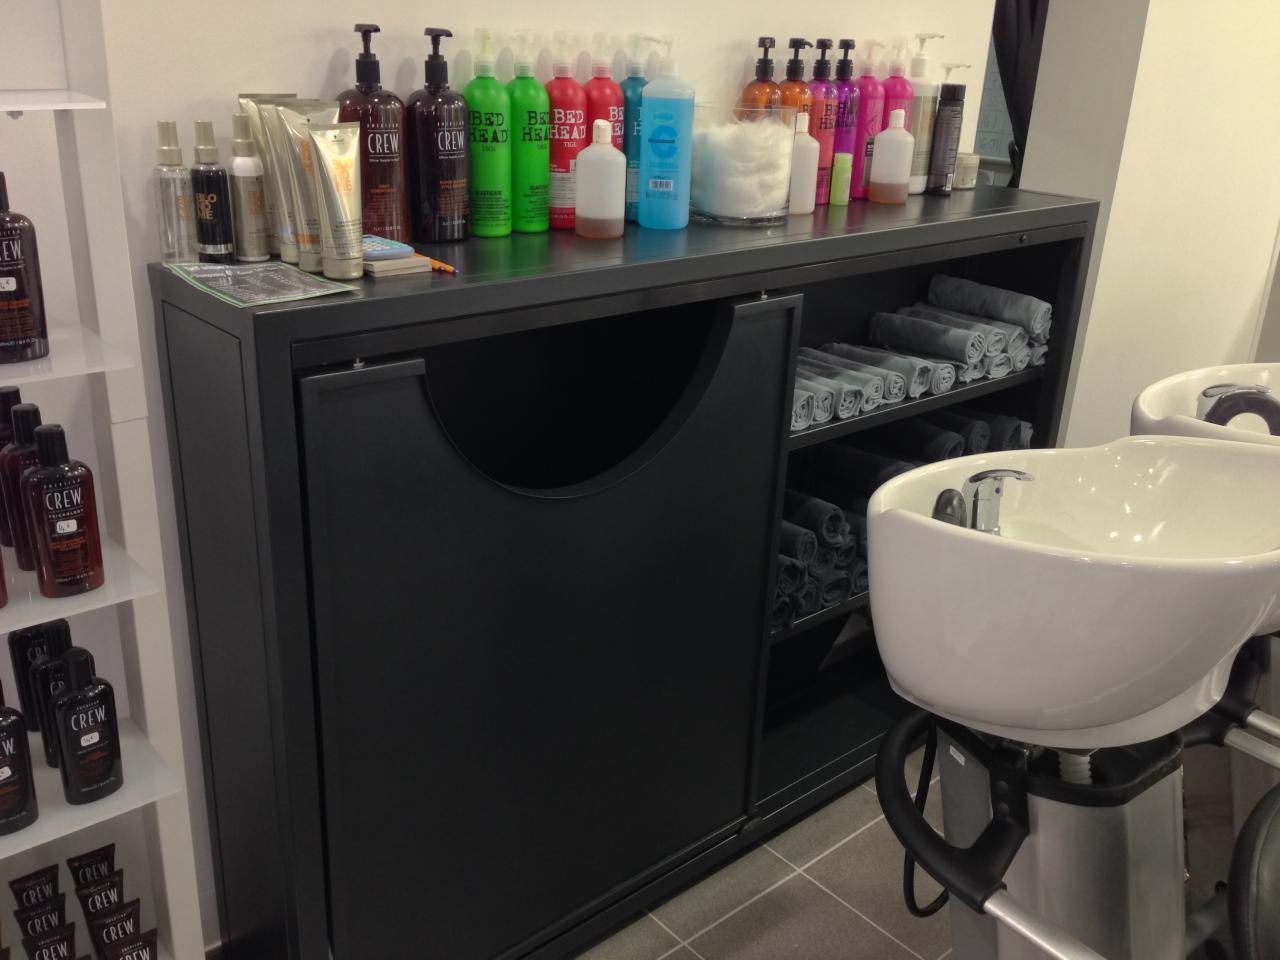 Meubles pour salon de coiffure : placard de rangement de serviettes